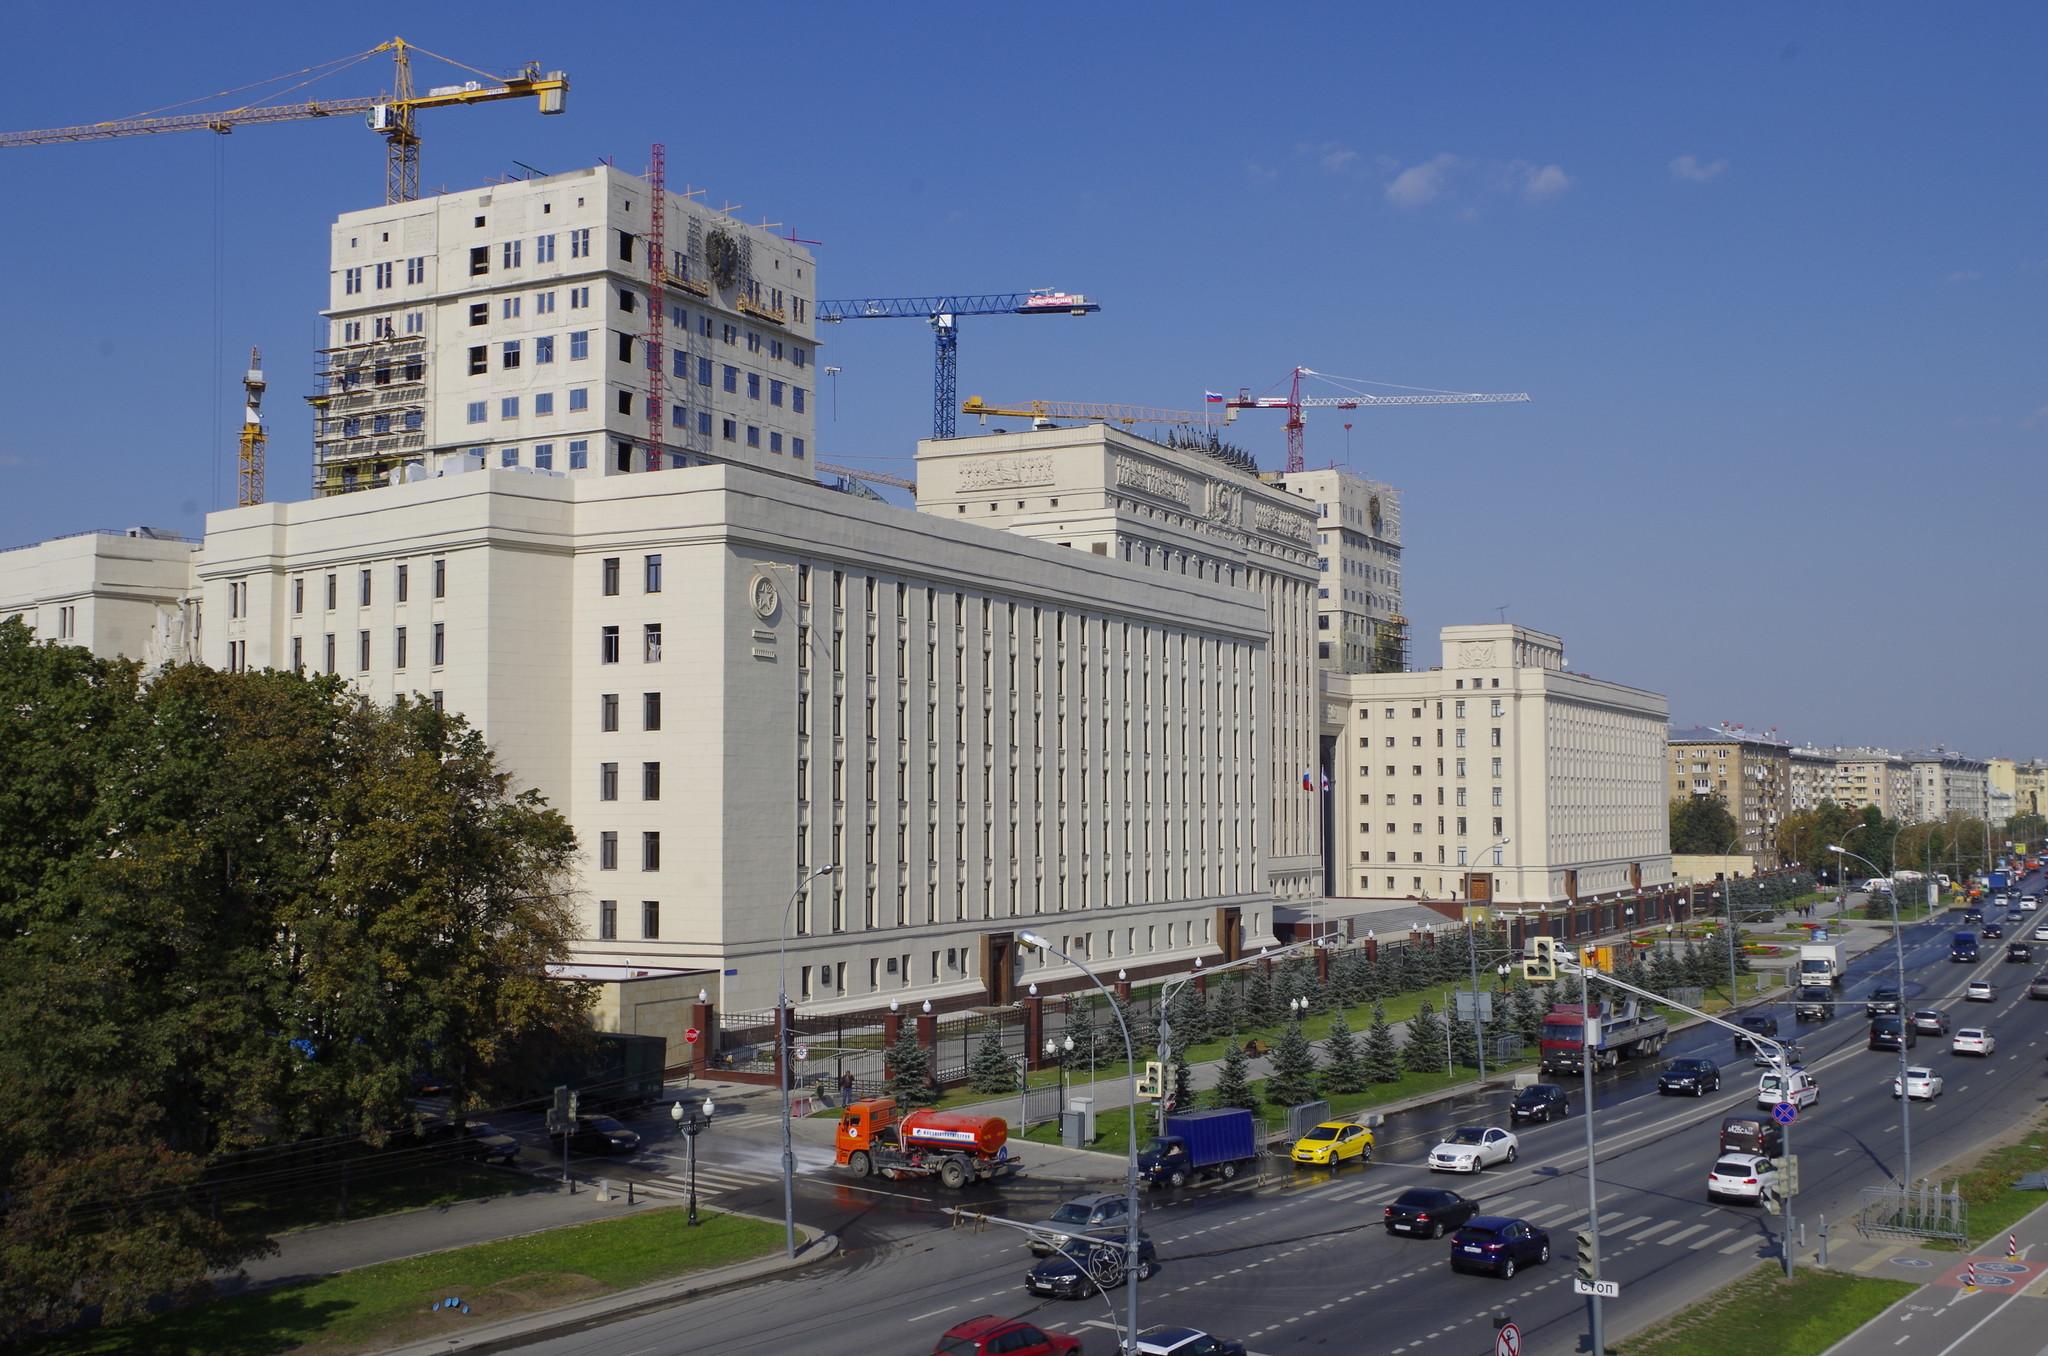 Национальный центр управления обороной Российской Федерации (Фрунзенская набережная, дом 22)